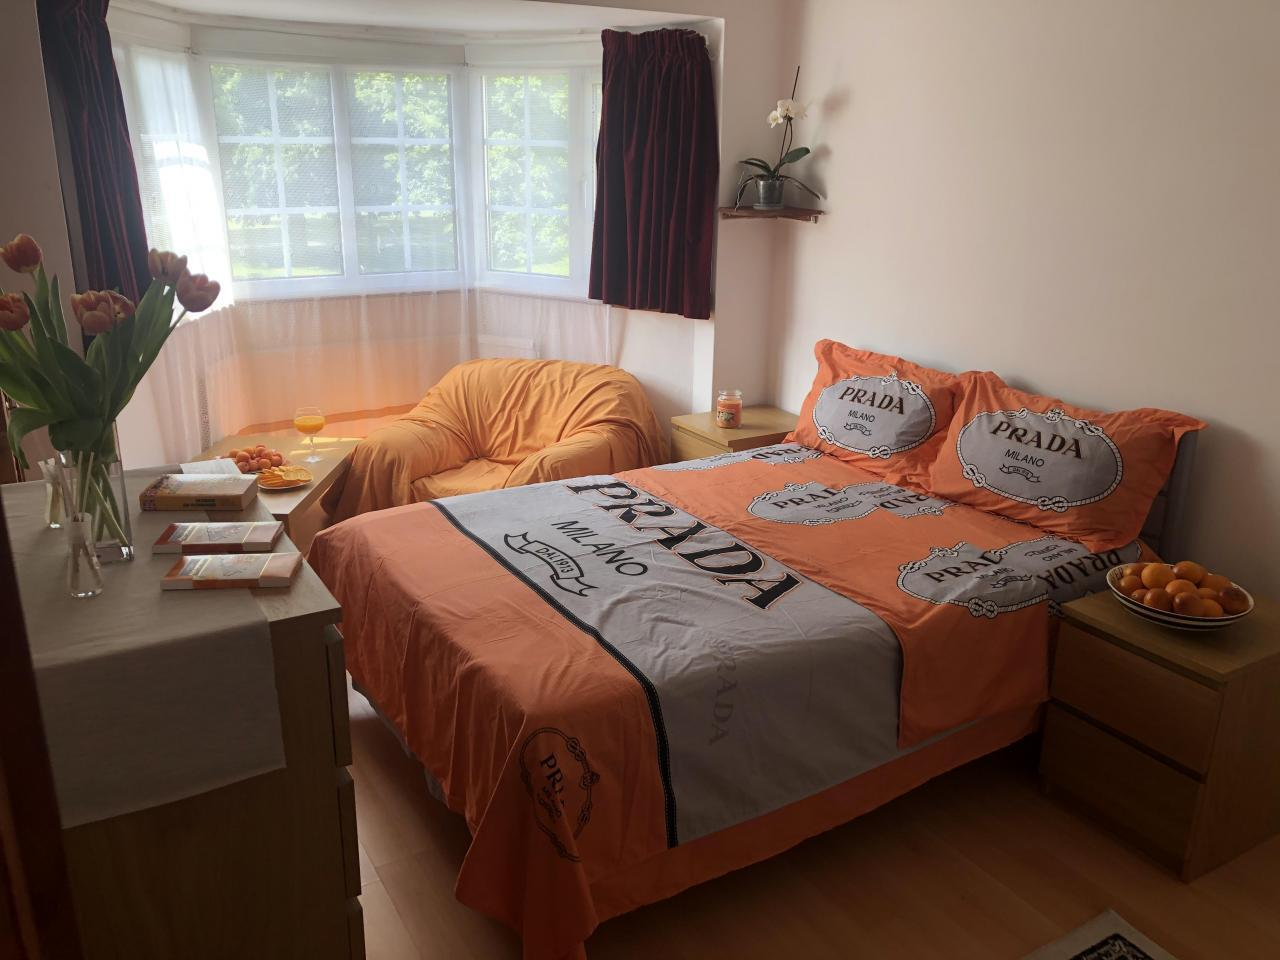 Сдаем double room, для одного, недалеко от станции Tooting. - 5